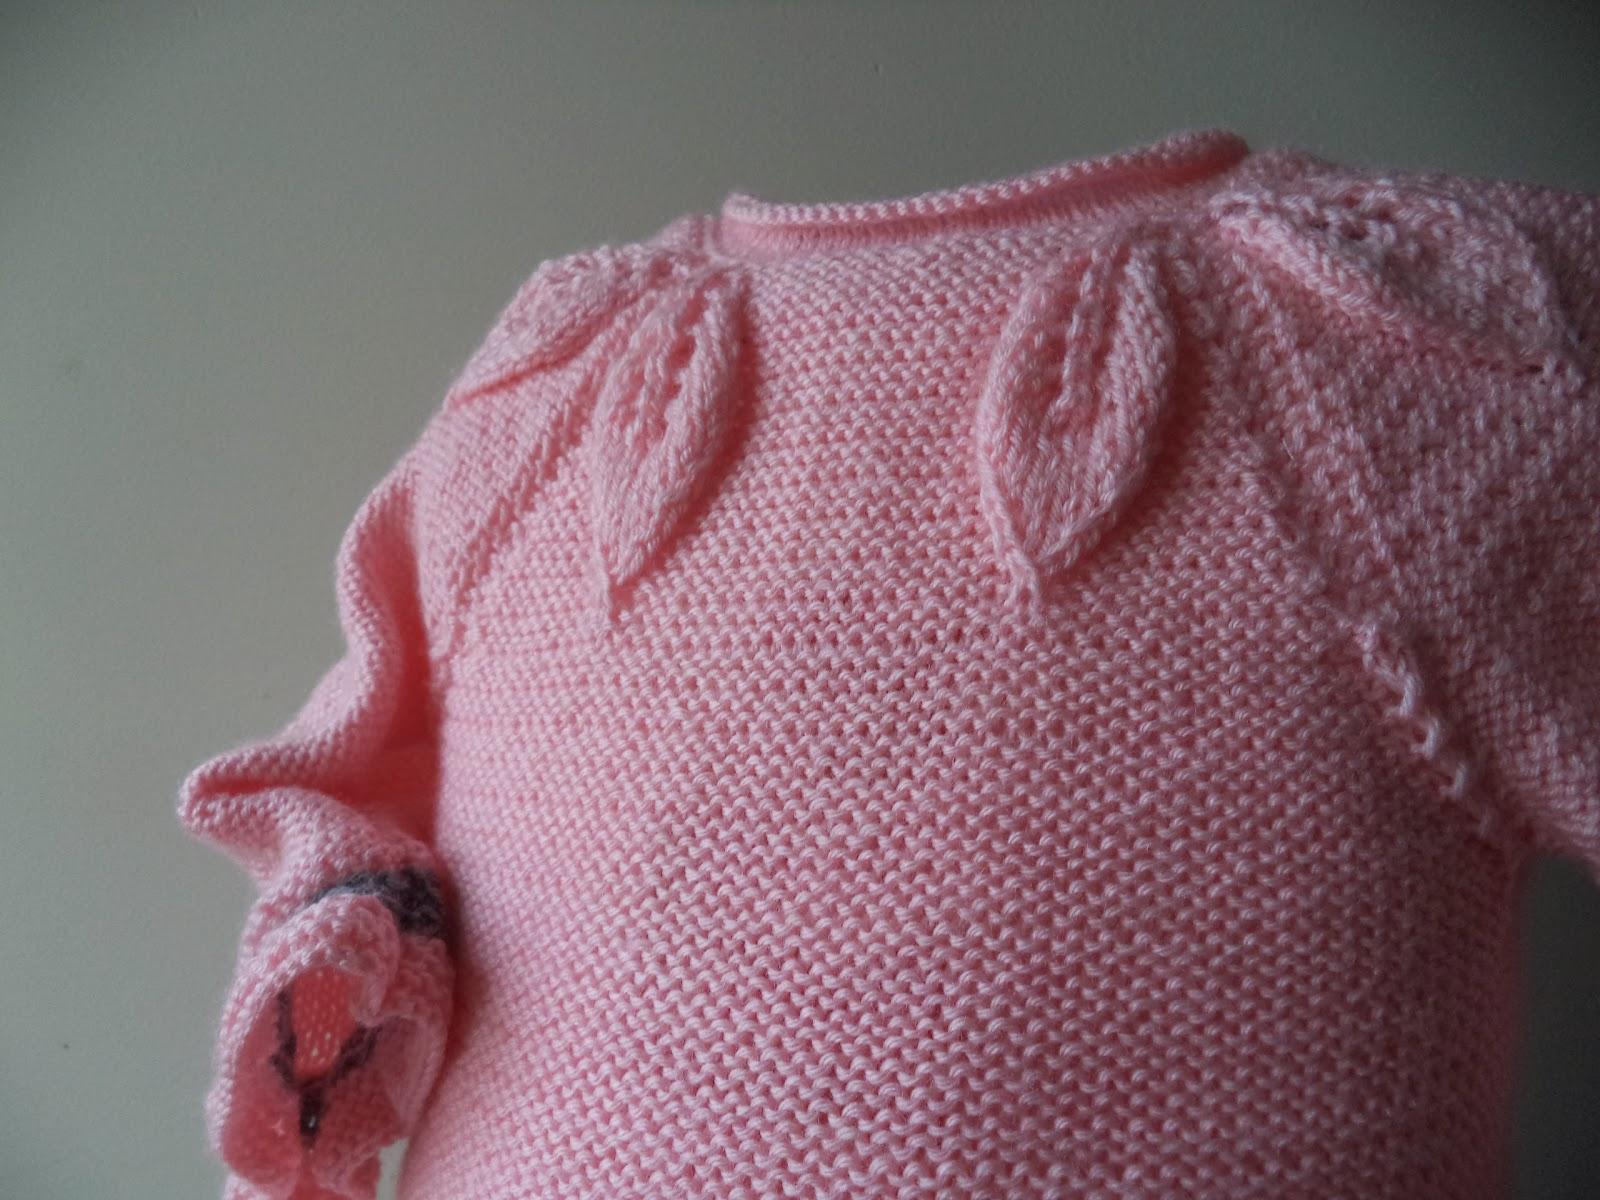 El blog de anamary explosi n de moda - Puntos para calcetar ...